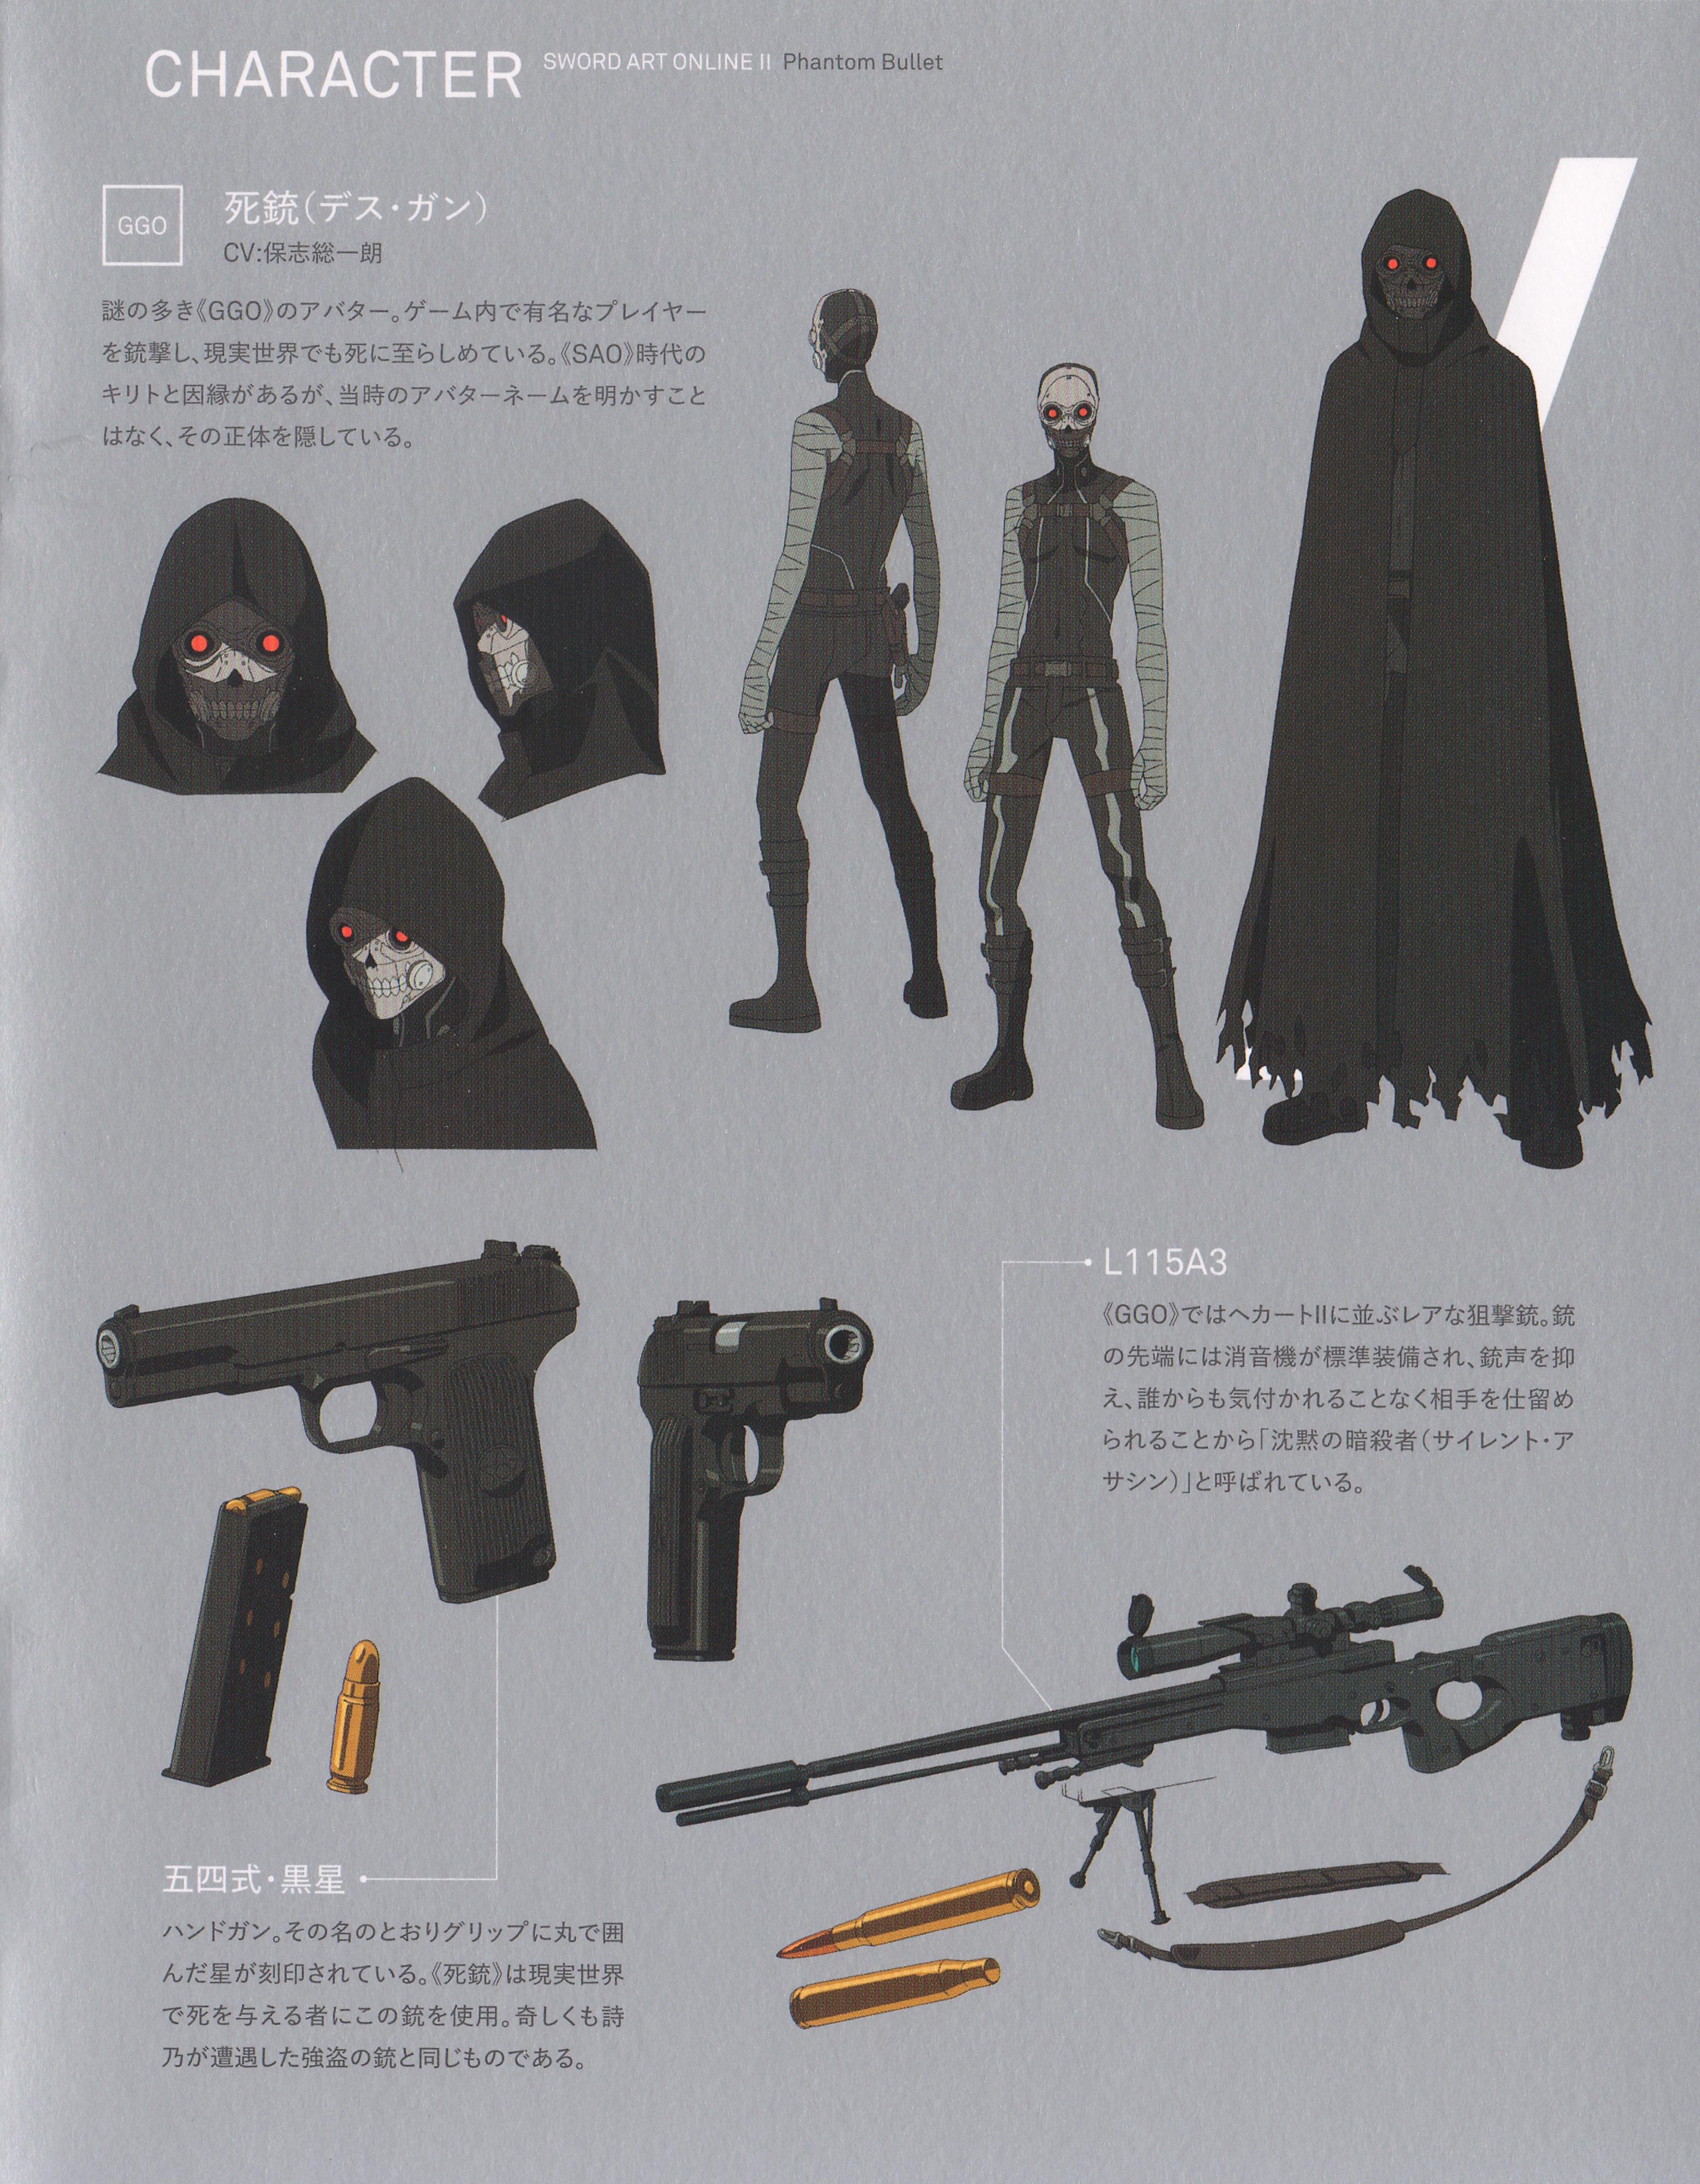 Death Gun - Sword Art Online - Image #1835714 - Zerochan ...